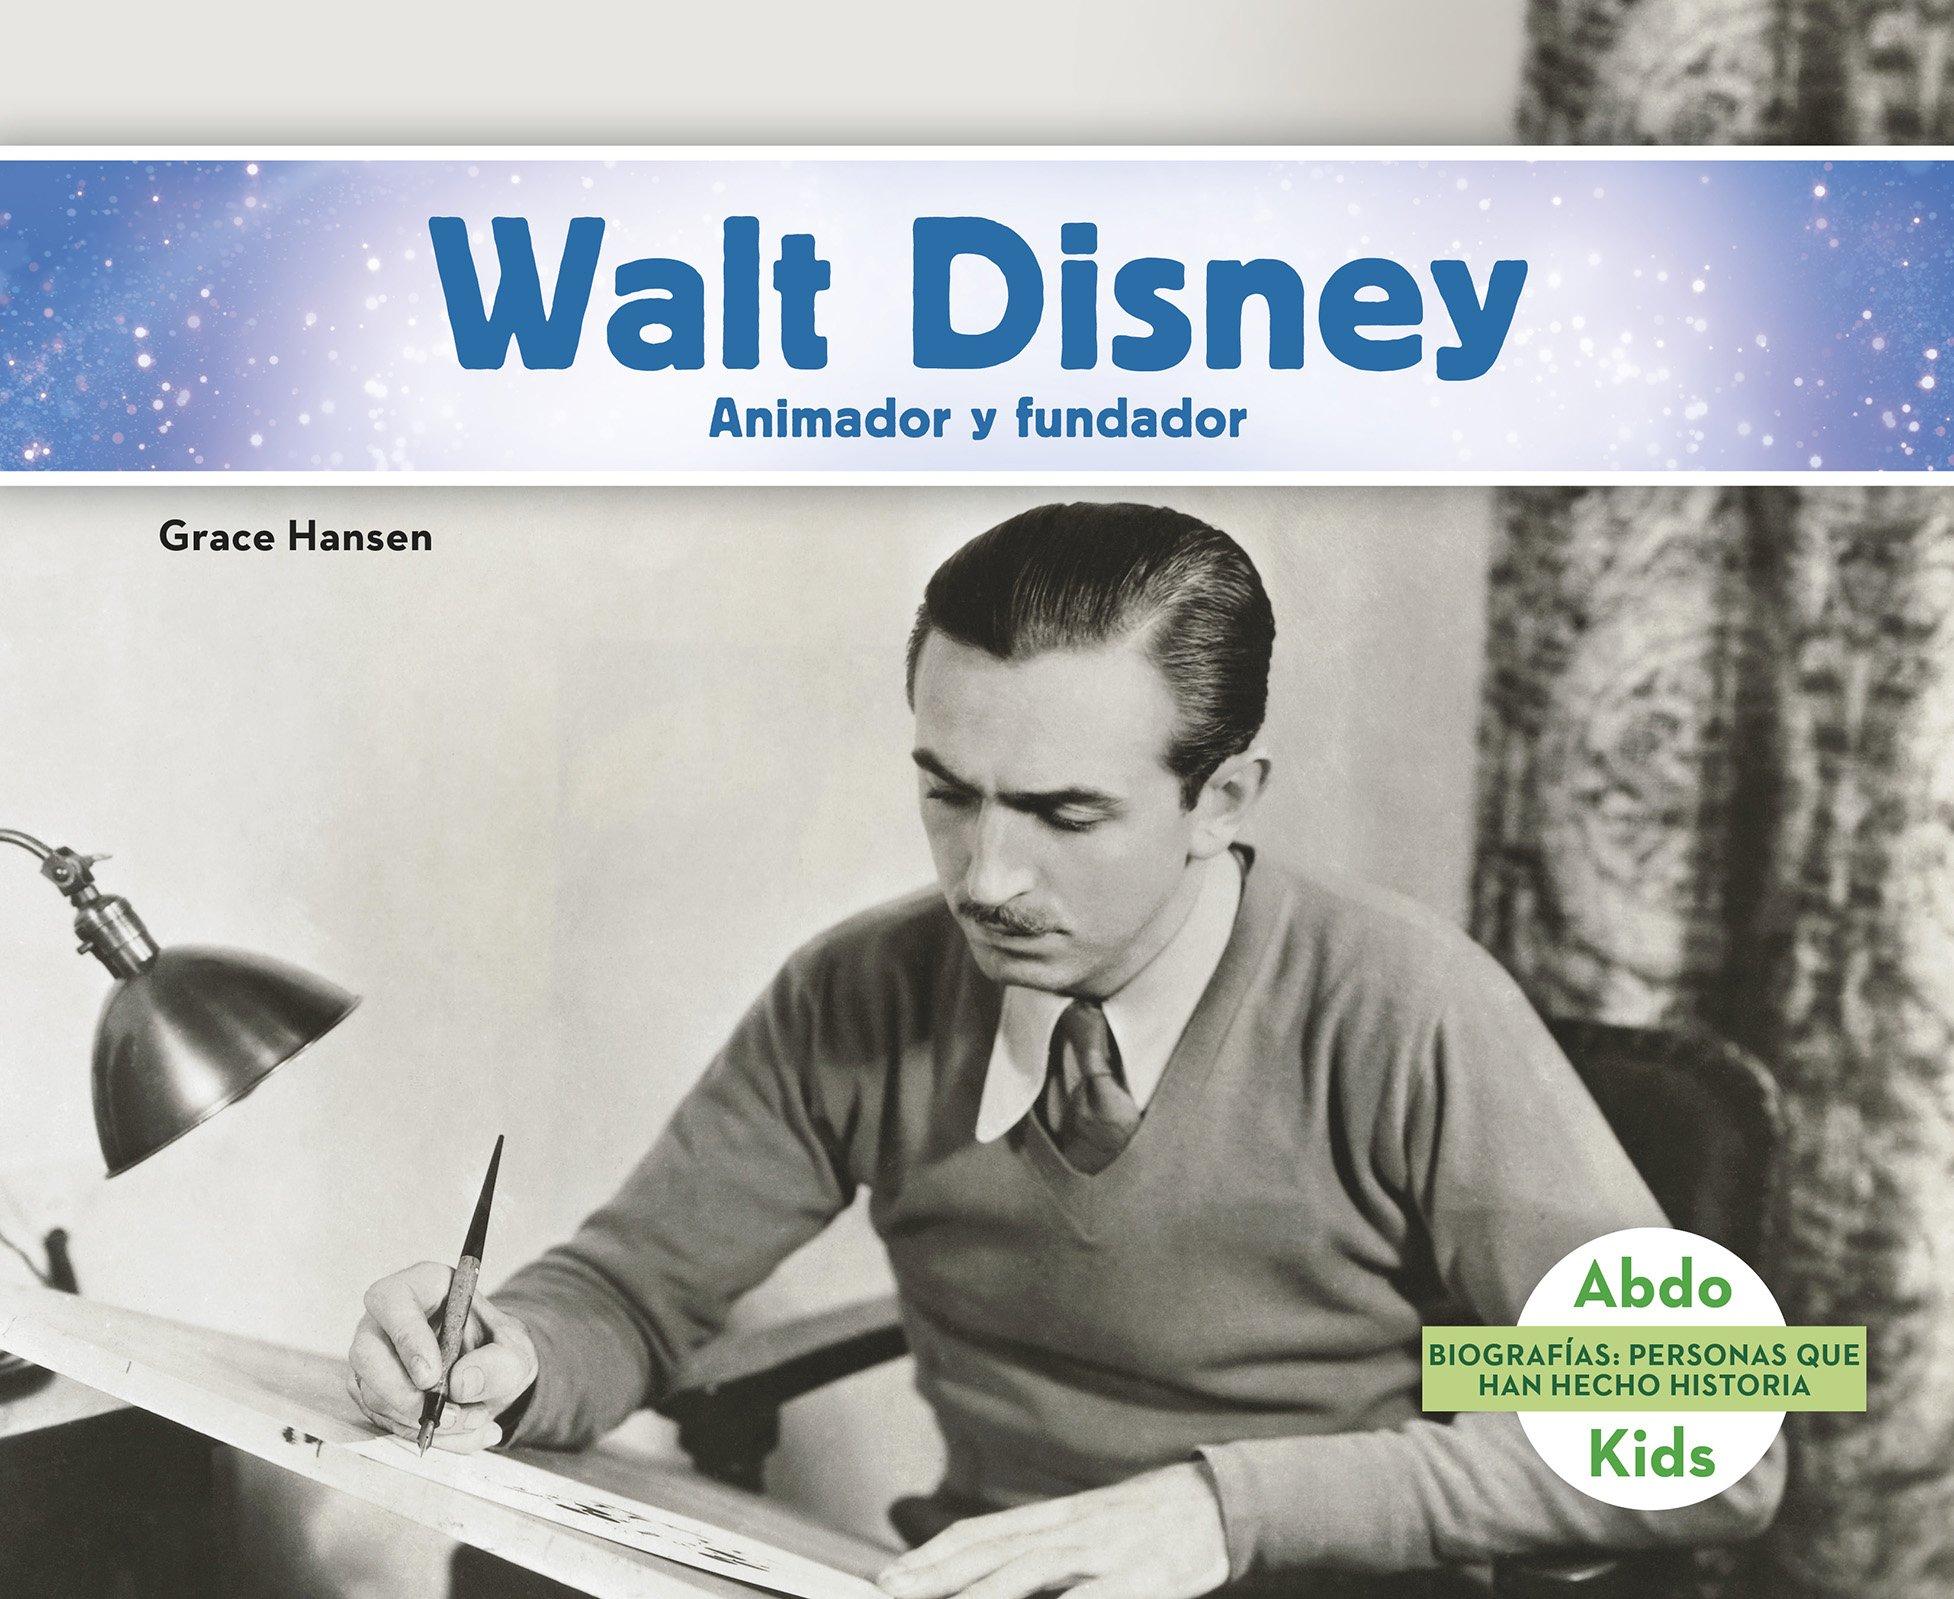 Walt Disney: Animador y fundador (Biografias: Personas que han hecho historia / History Maker Biographies) (Spanish Edition)